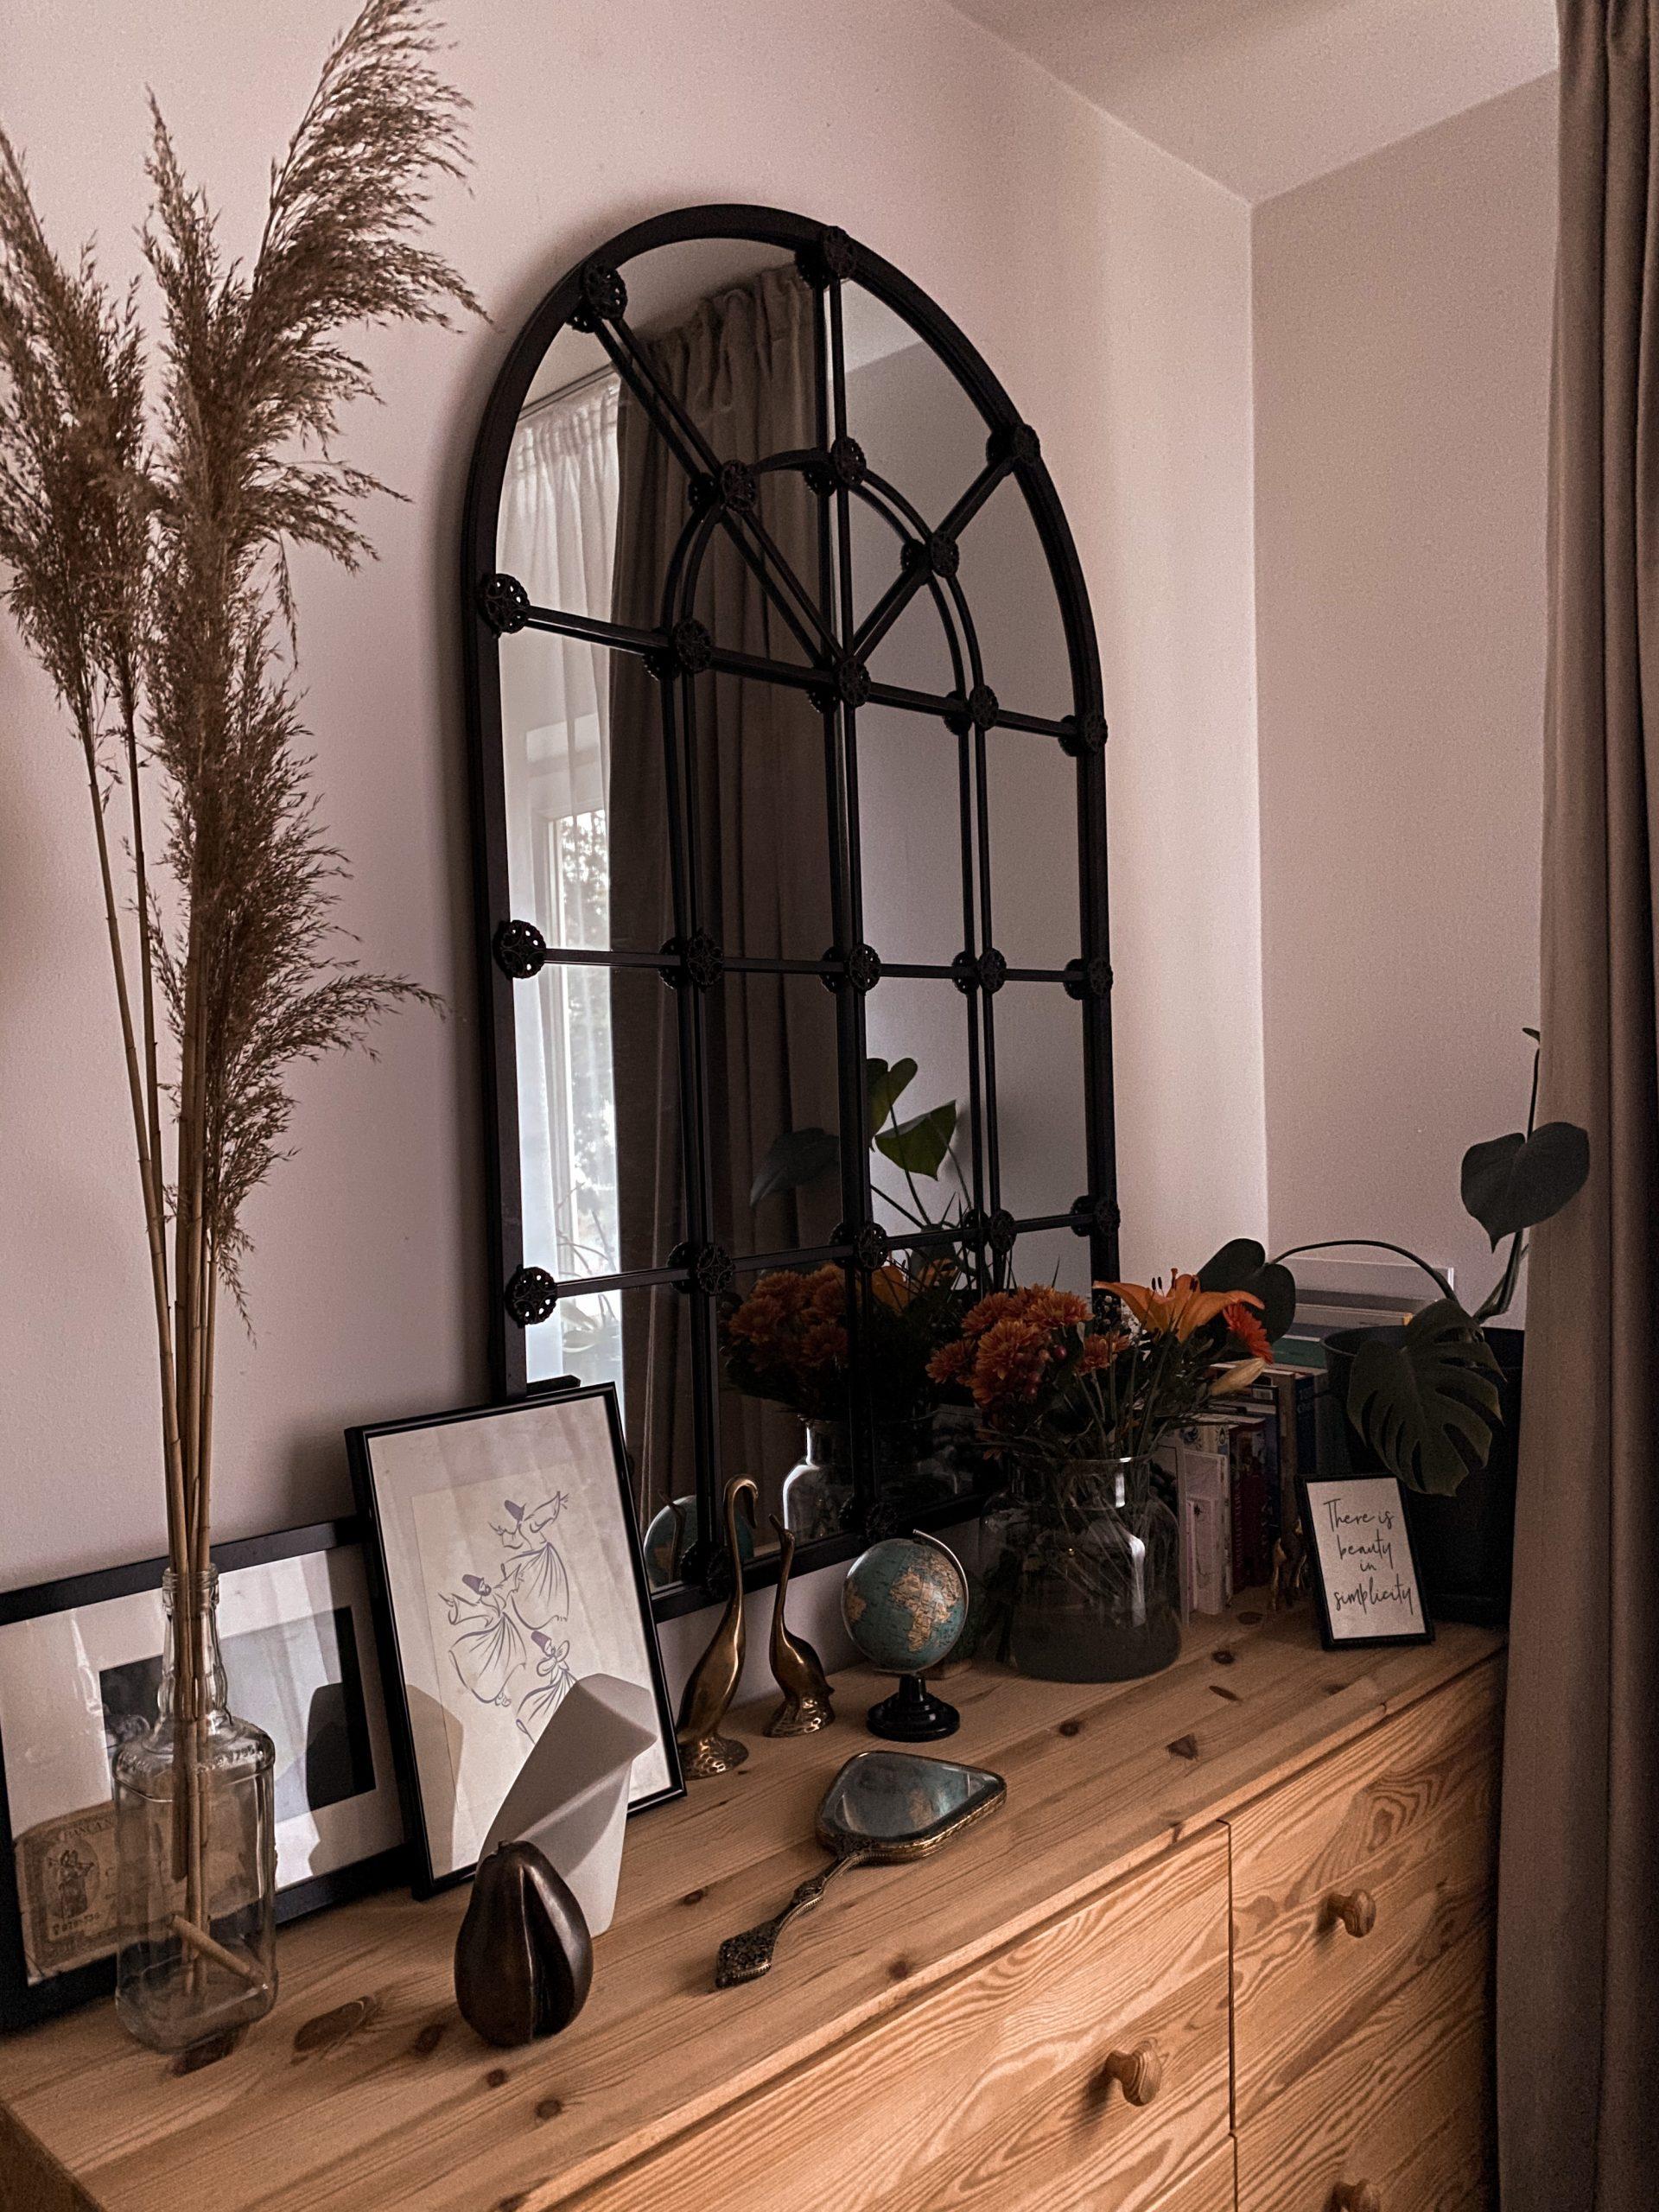 display amintiri roxana